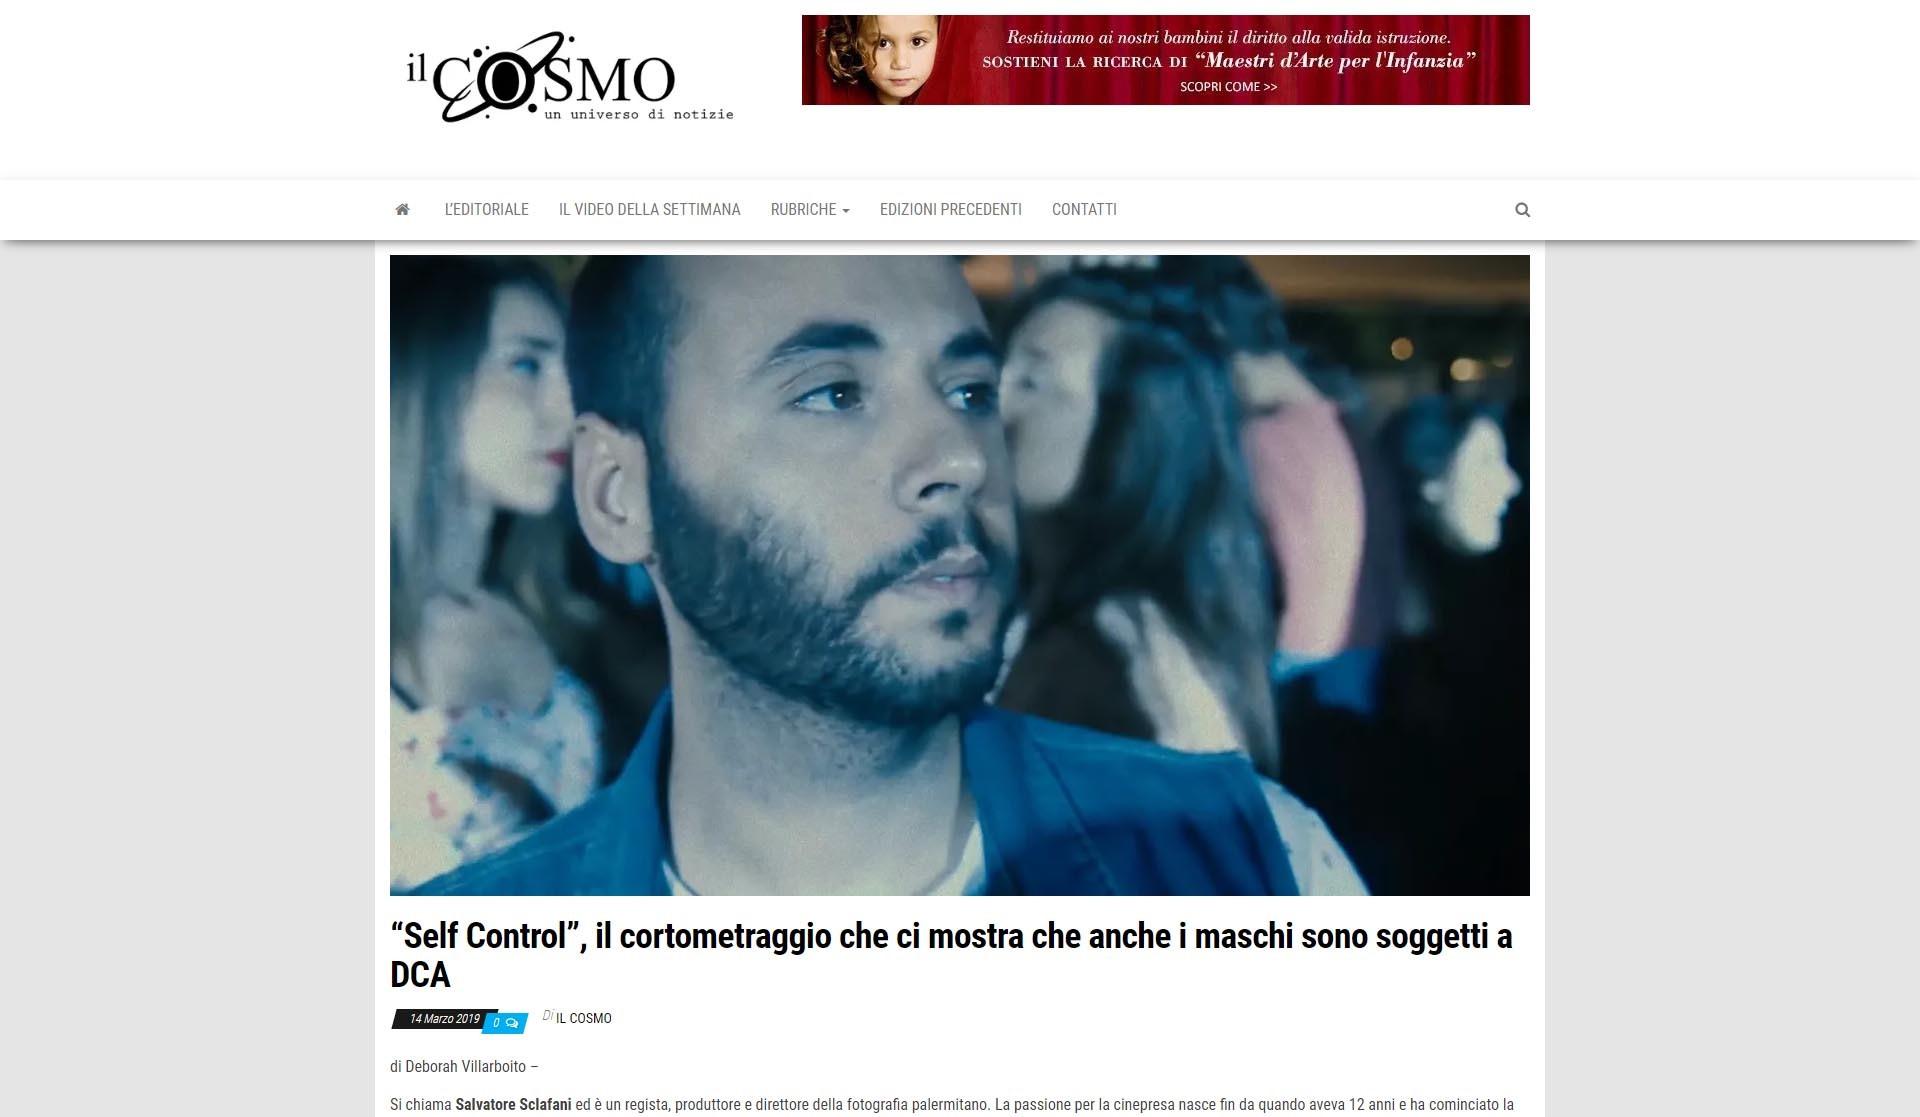 screencapture-il-cosmo-2019-03-14-self-control-il-cortometraggio-che-ci-mostra-che-anche-i-maschi-sono-soggetti-a-dca-2019-03-14-09_38_49